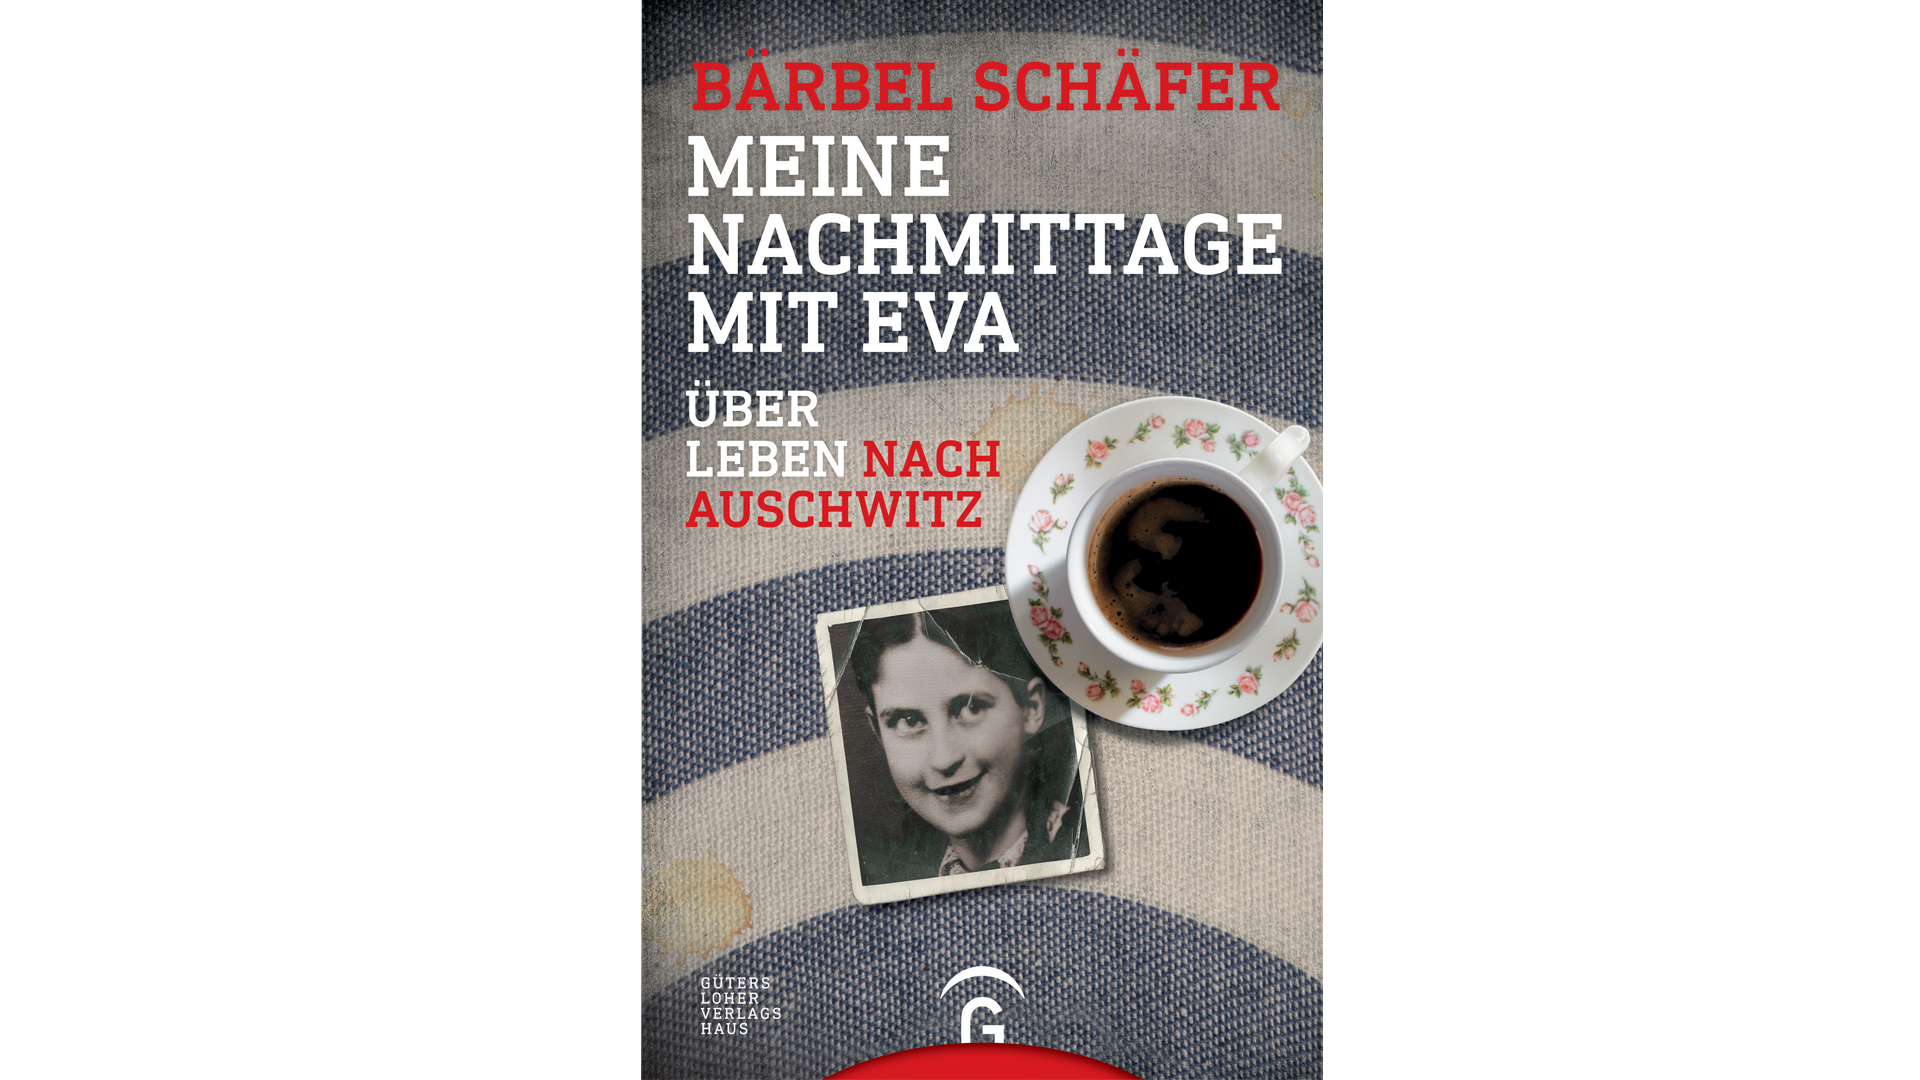 """Bärbel Schäfer: """"Meine Nachmittage mit Eva: Über Leben nach Auschwitz"""